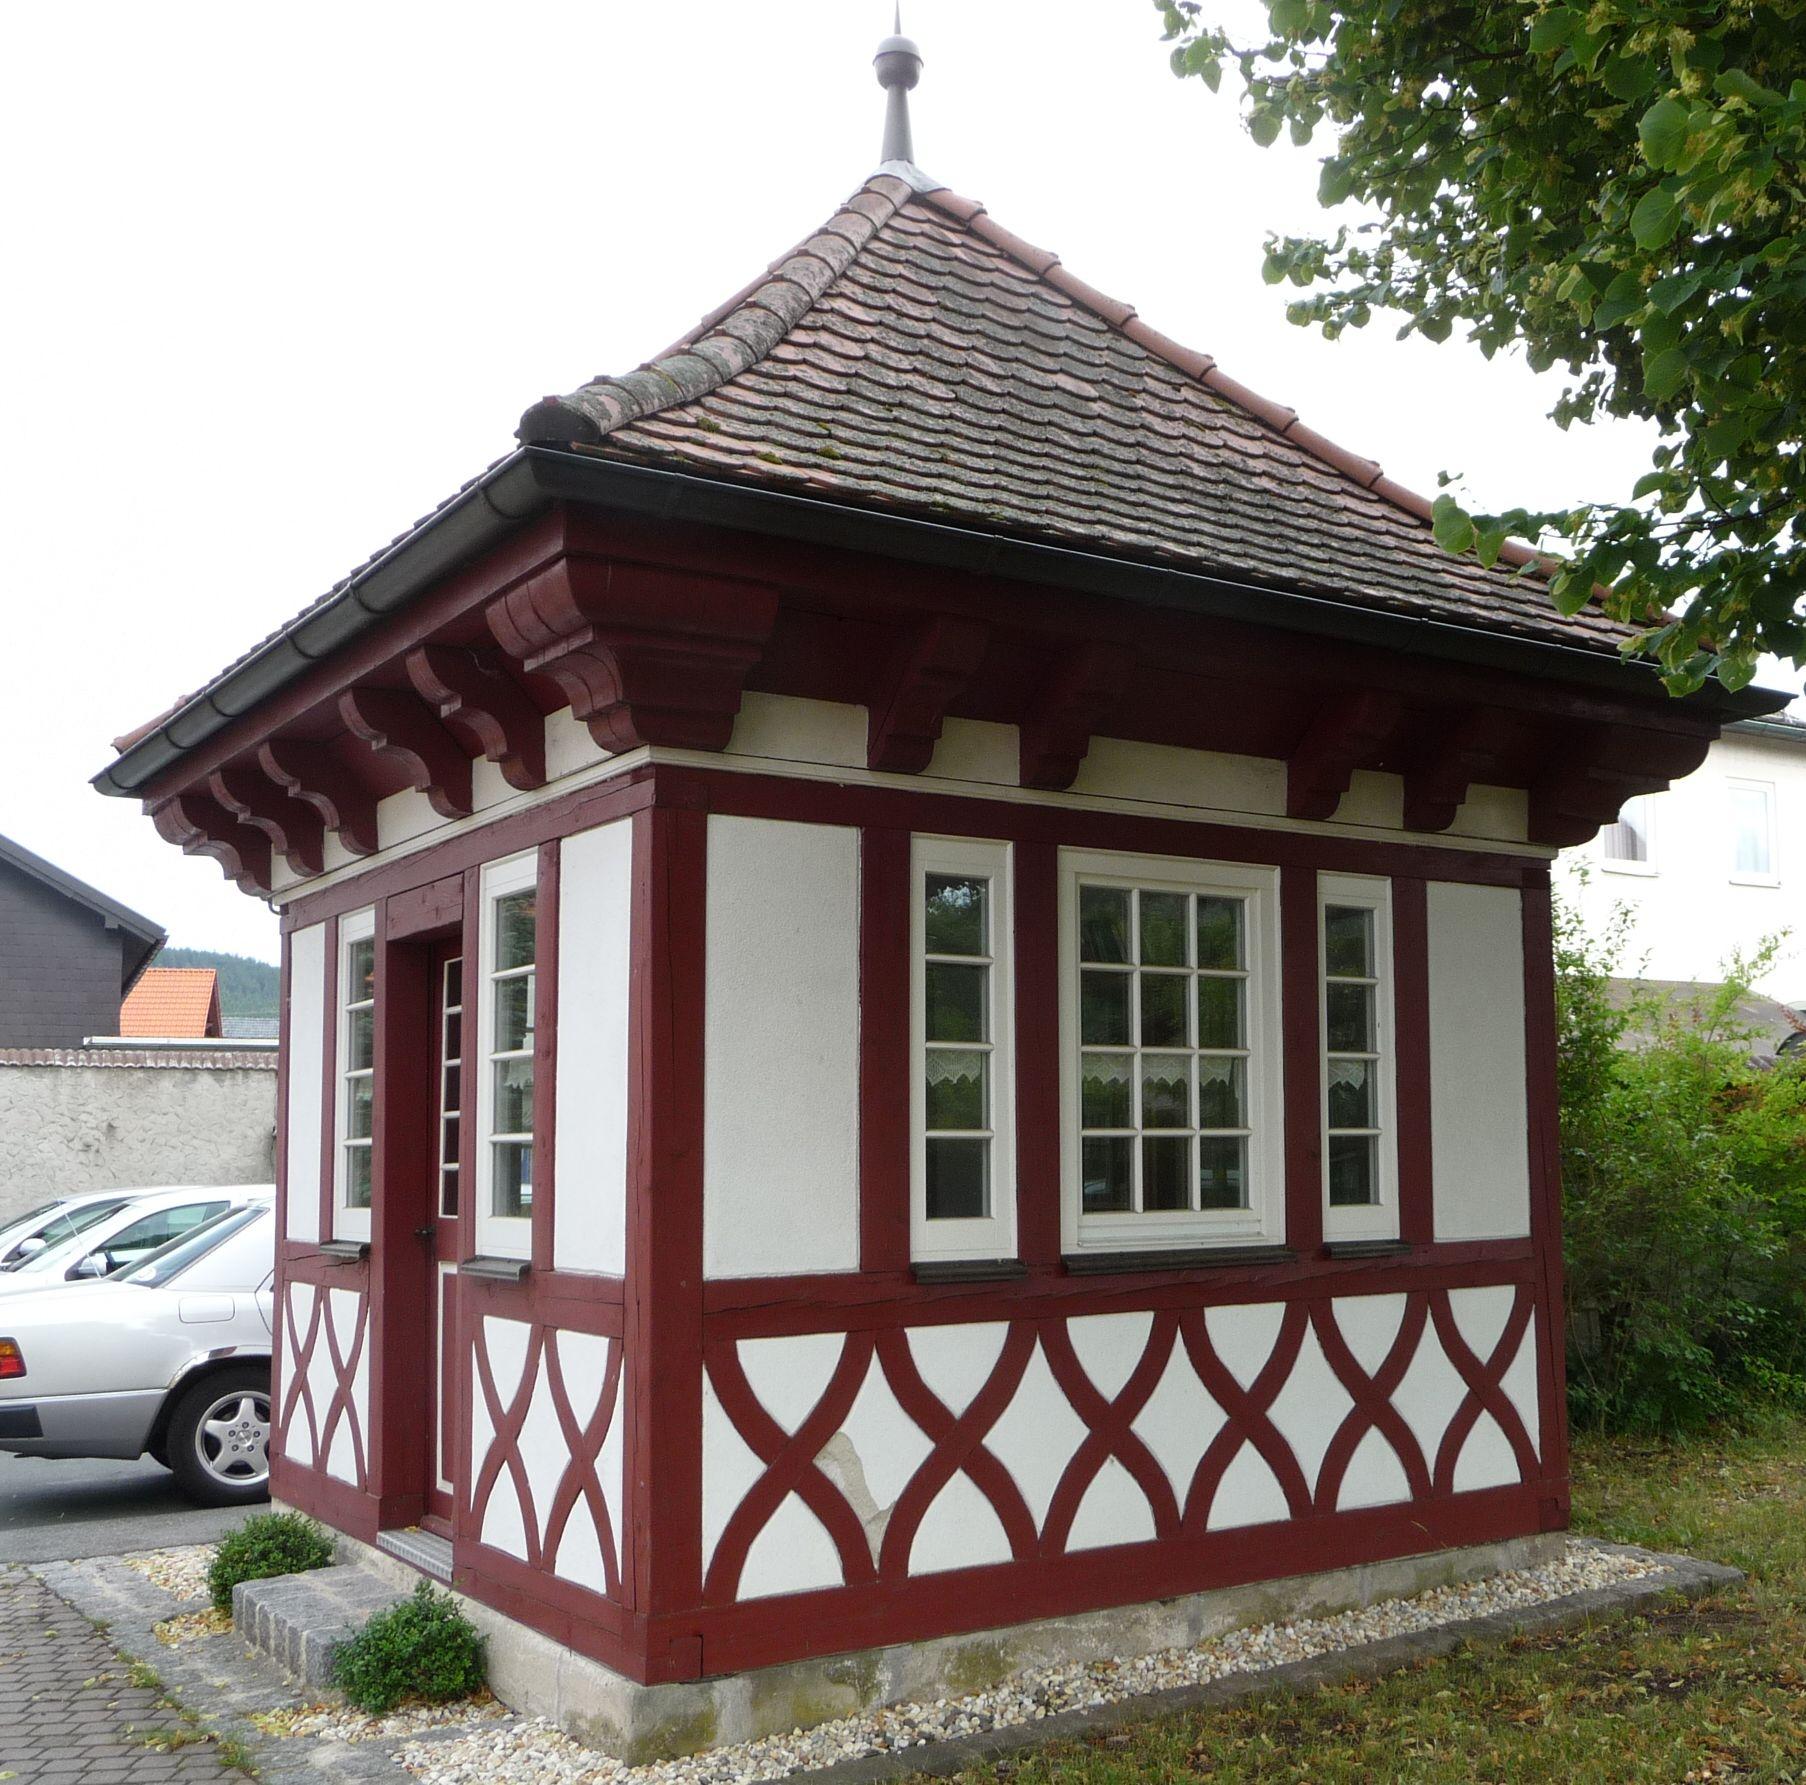 file:1908 ließ der pfarrer diesen pavillon in fachwerkbauweise als